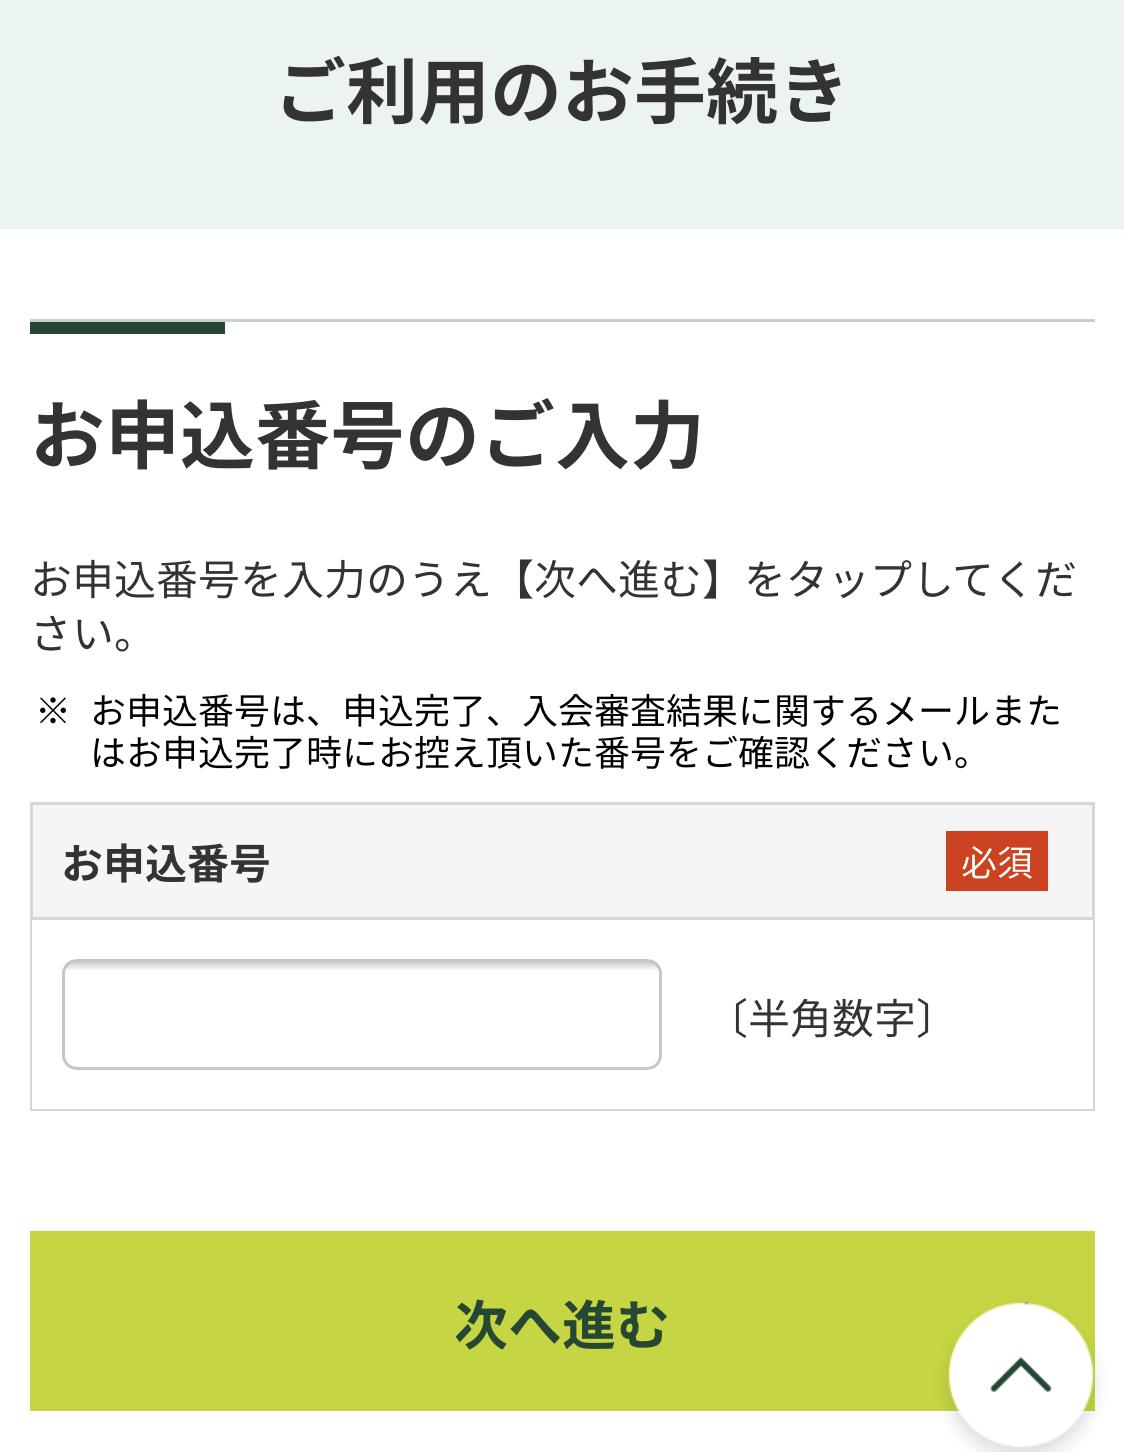 三井住友カードのご利用のお手続き